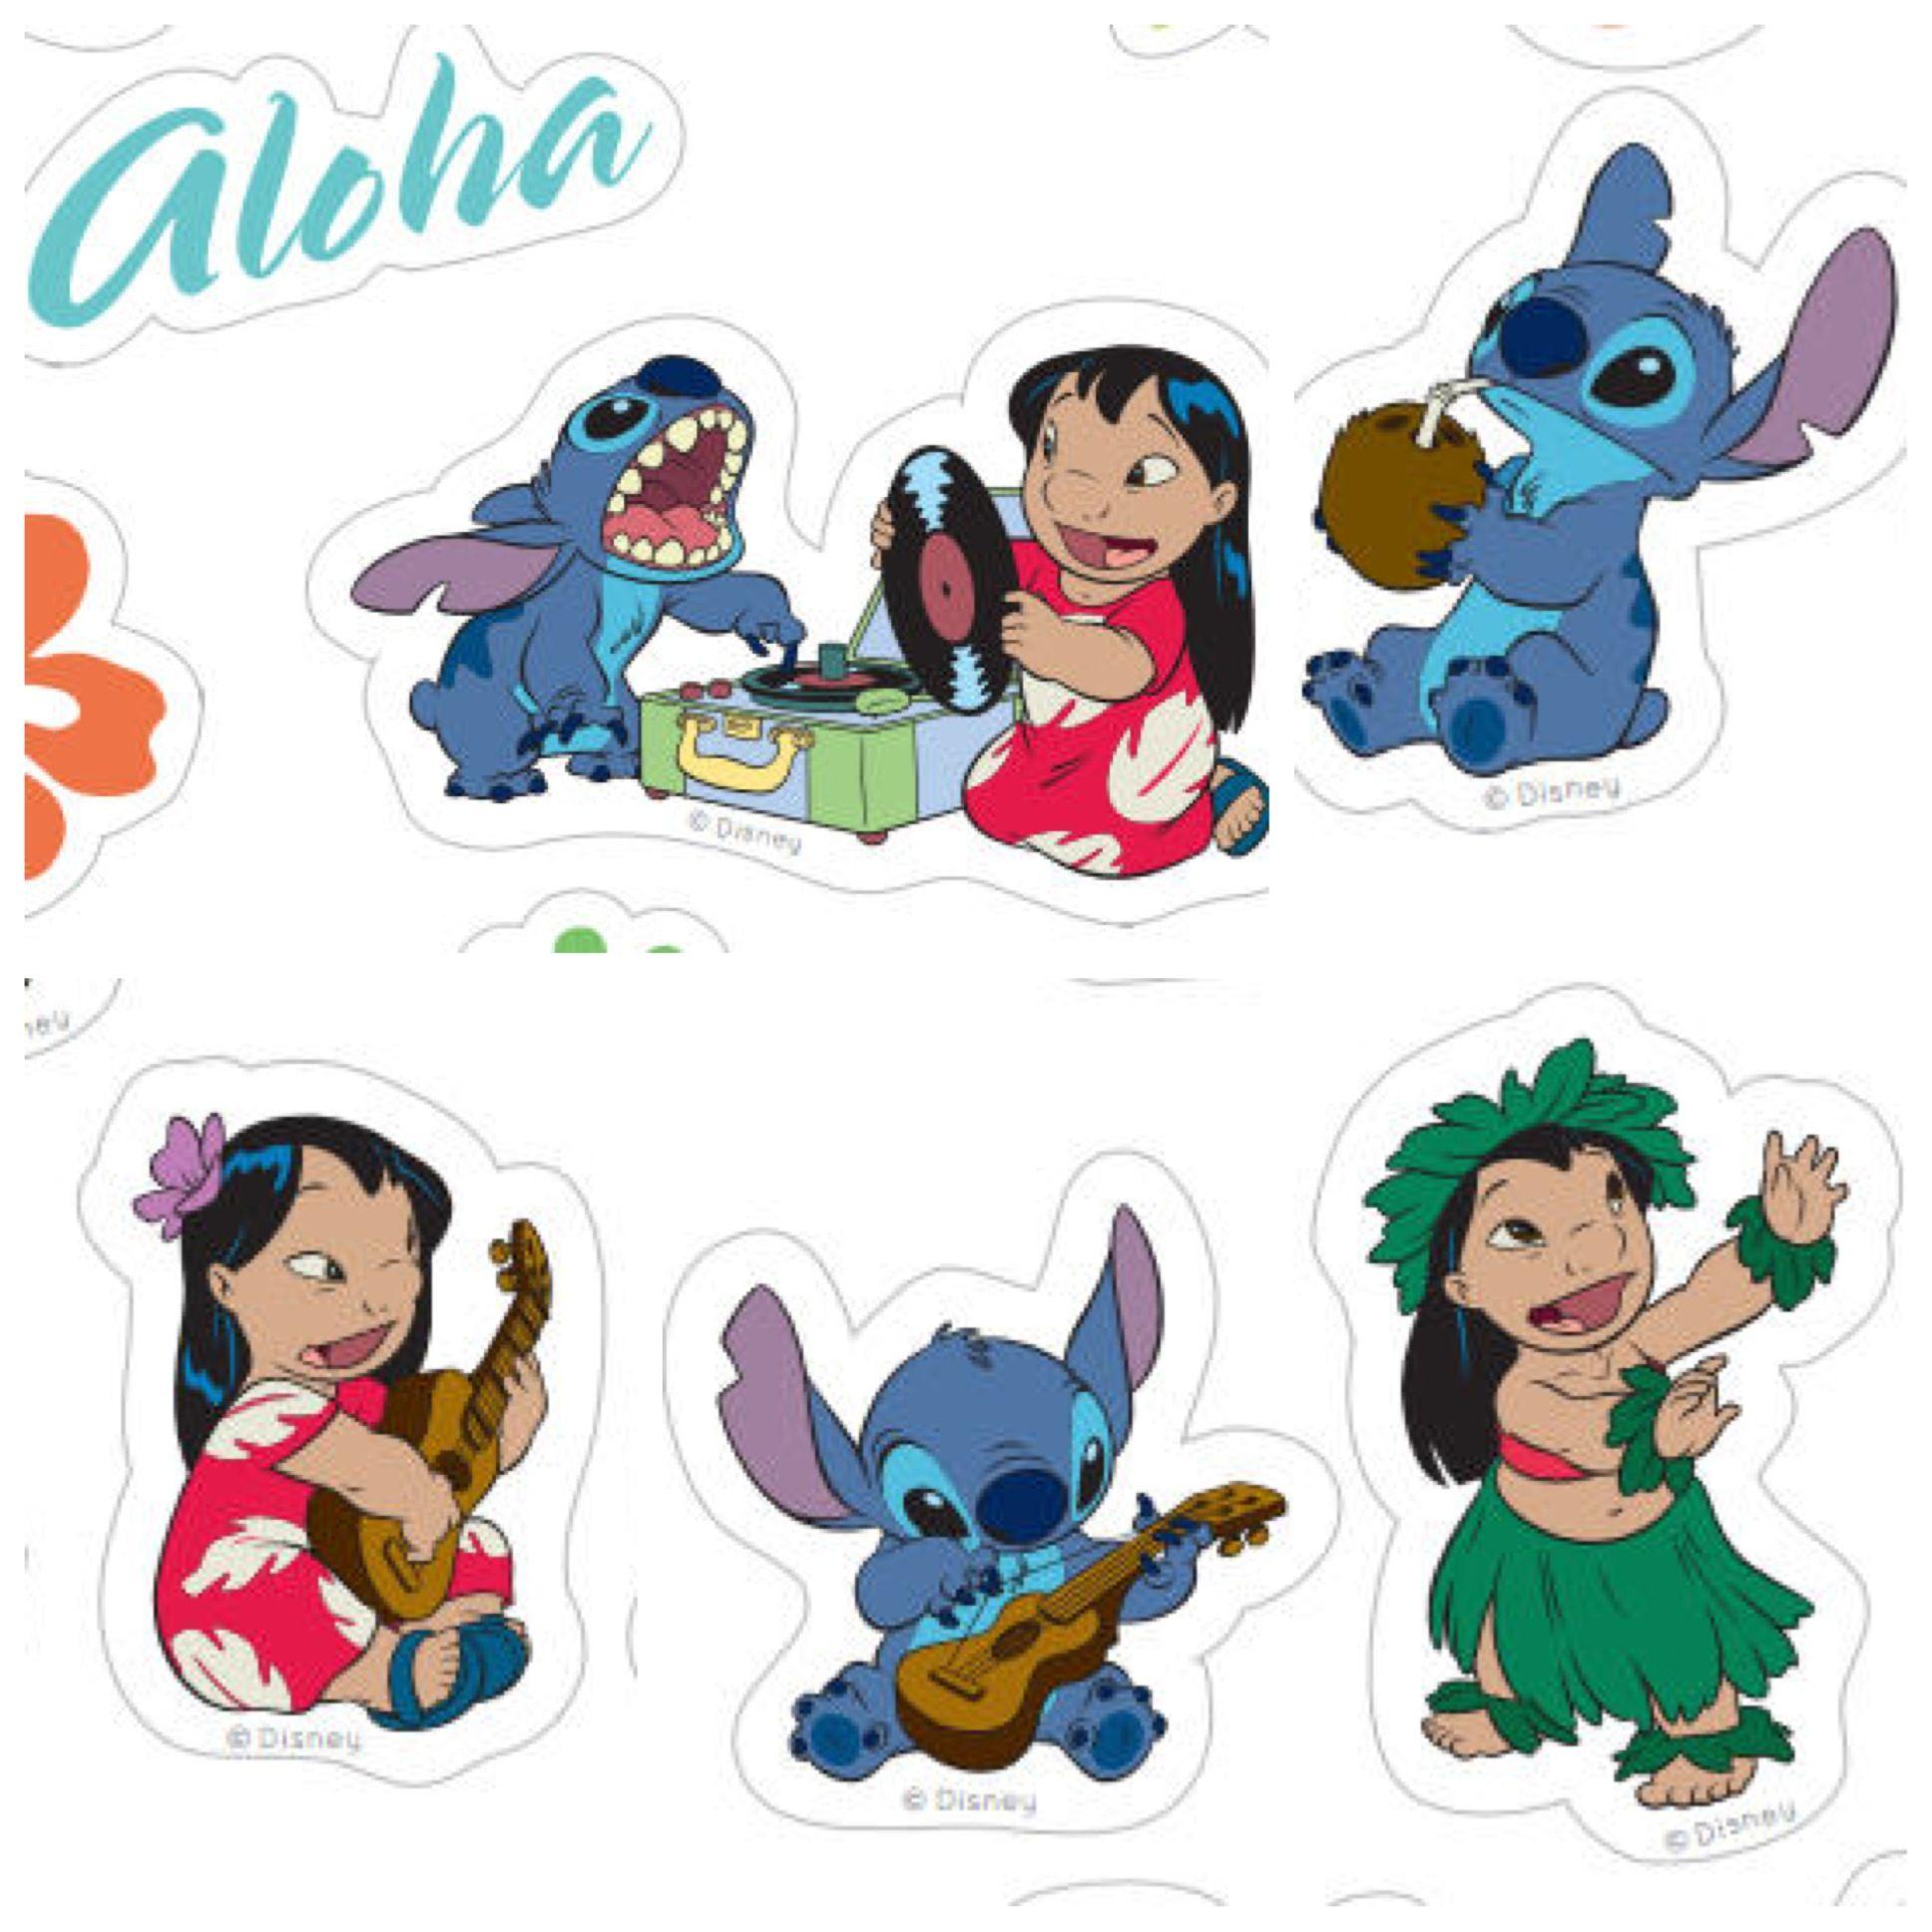 Aloha, ohana! Print and share these adorable Lilo & Stitch stickers ...